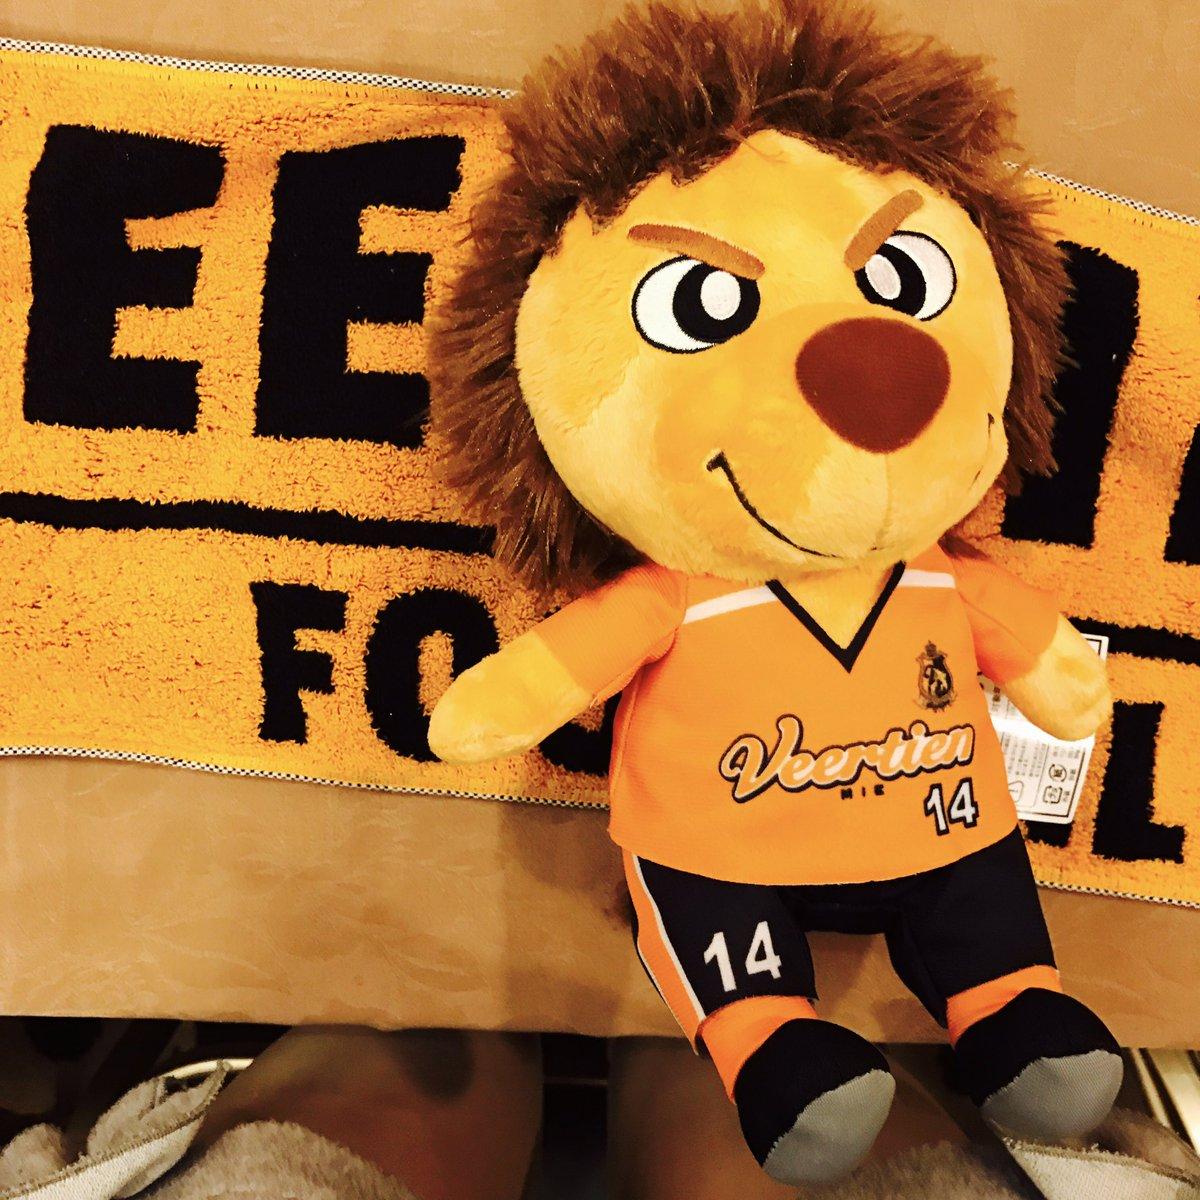 Chelsyの楽曲「Orange」を応援歌として提供させていただいたサッカーチーム、ヴィアティン三重…